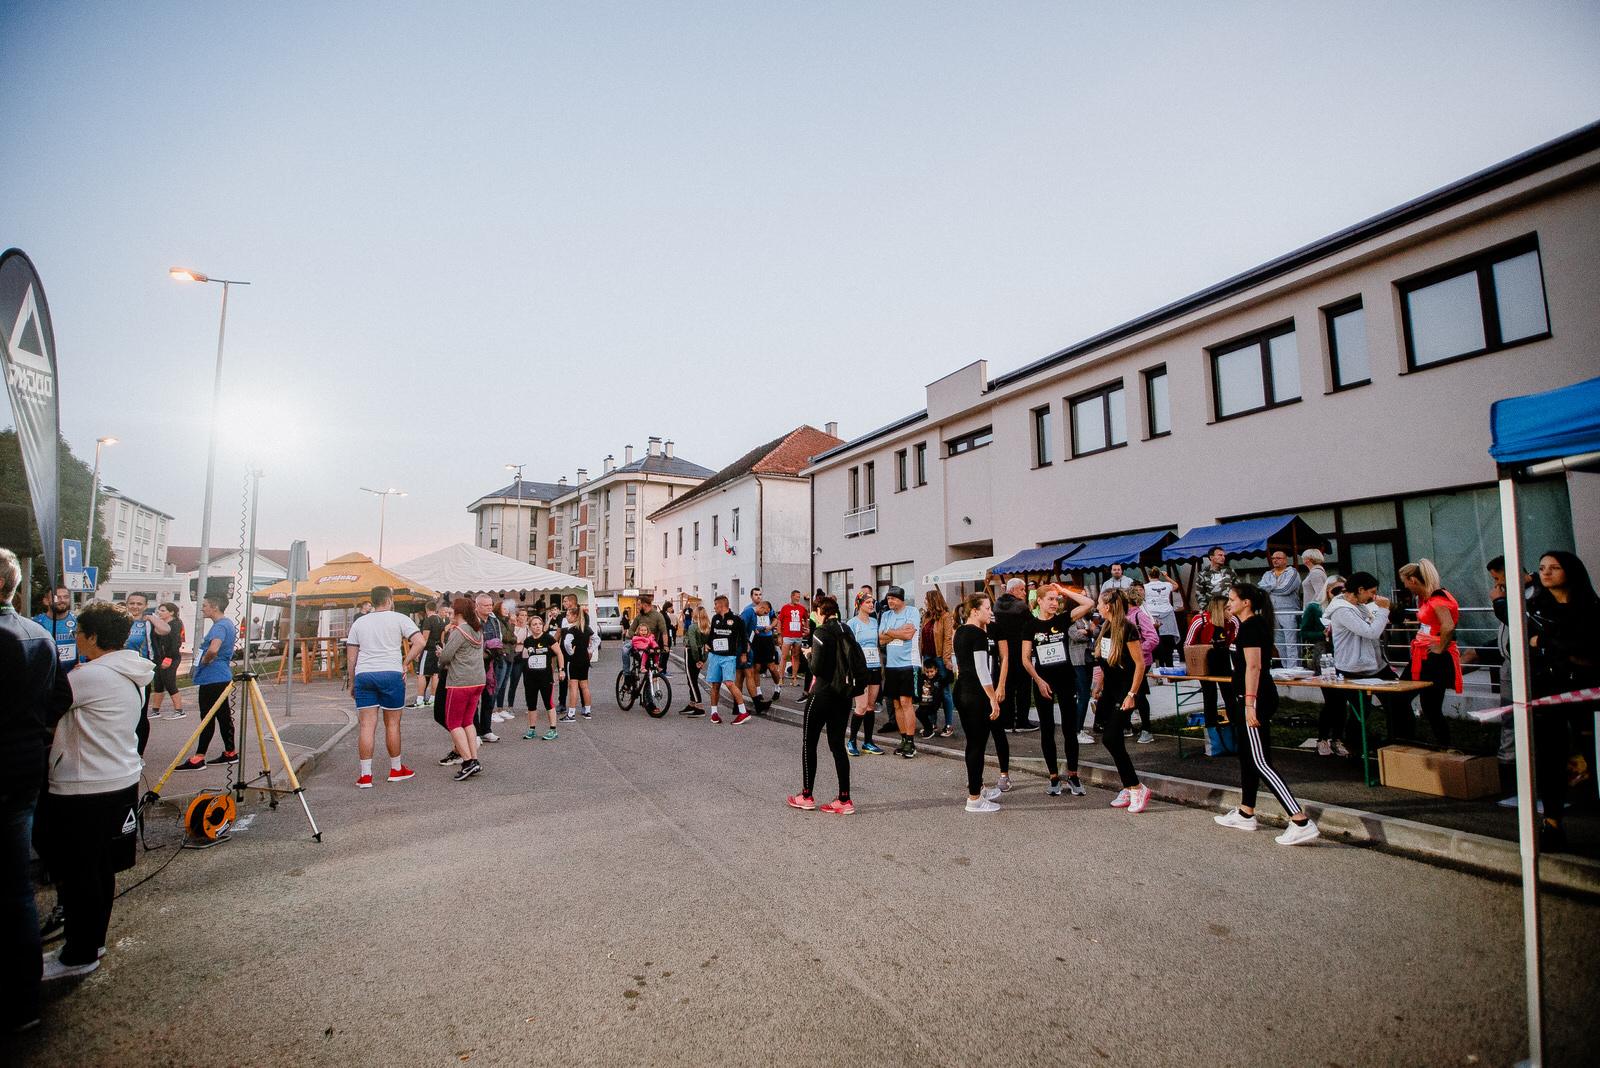 likaclub_korenica_noćna-utrka-2019-18